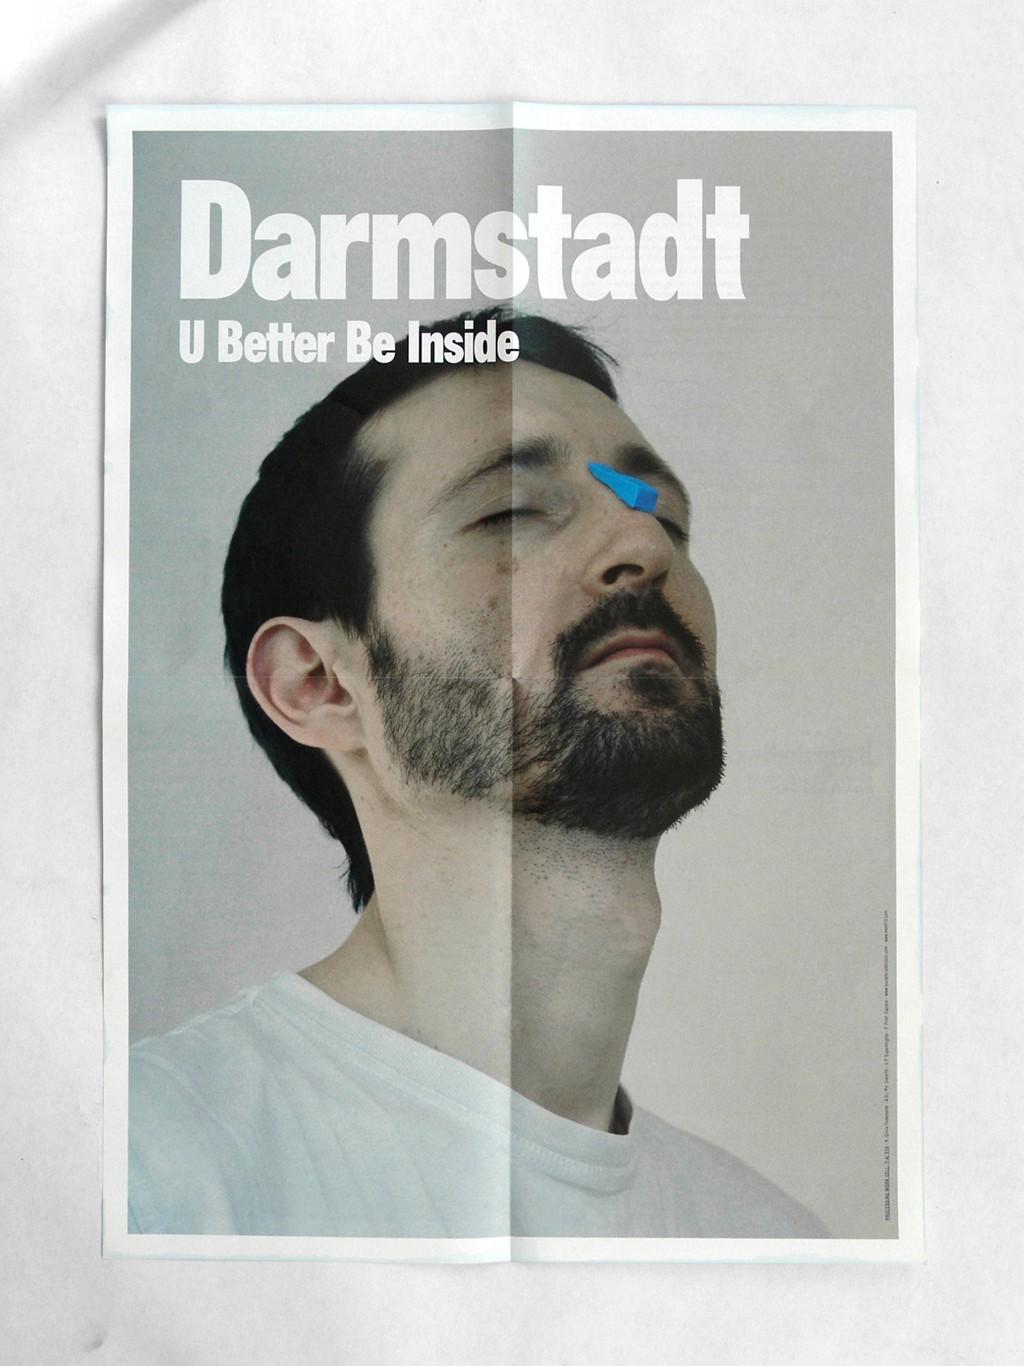 Event10: Darmstadt